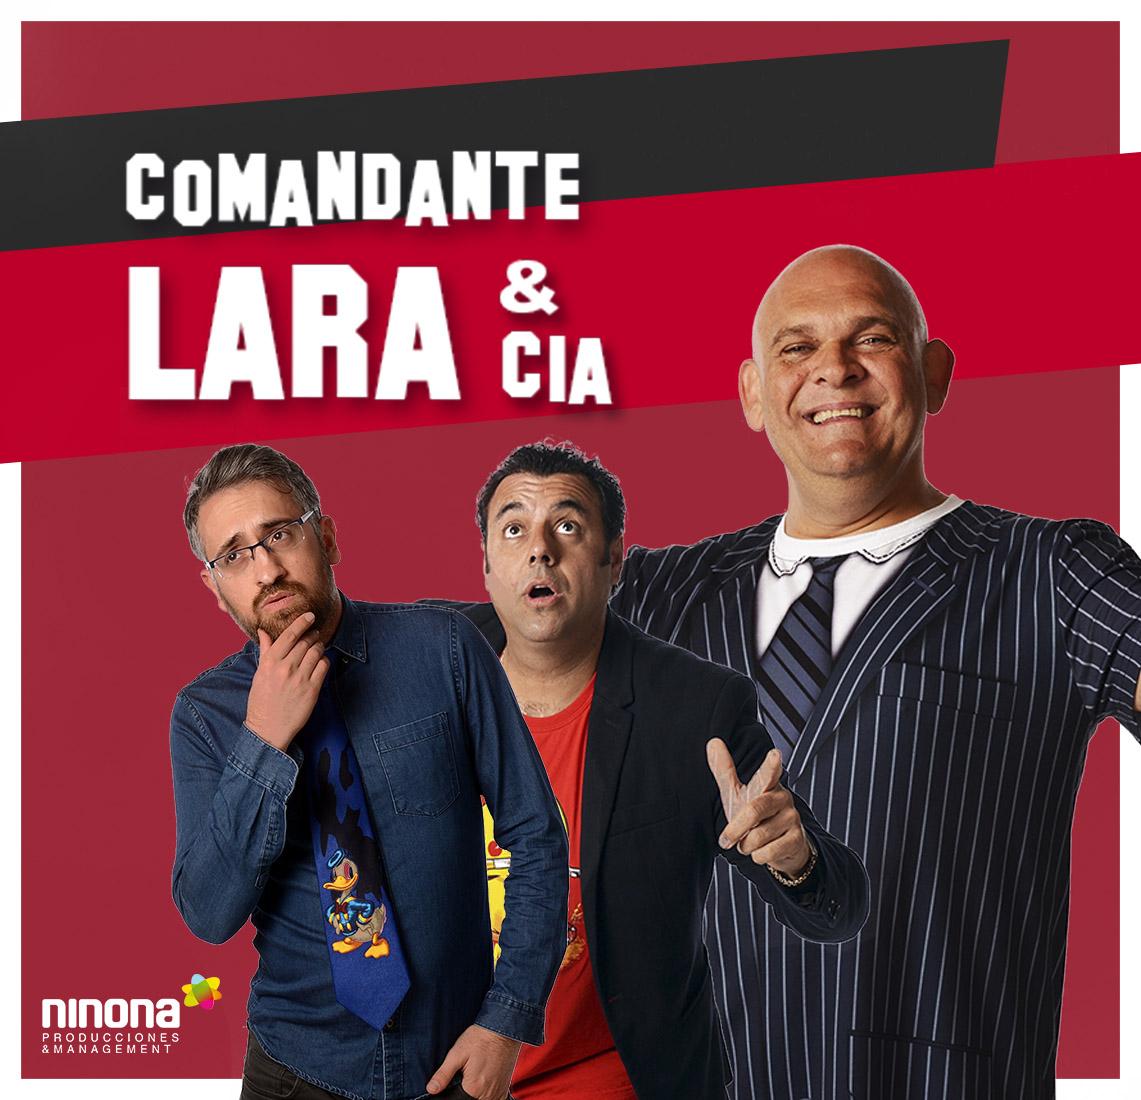 comandante-lara-and-cia-salamanca-5e5f88f22a58c.jpeg